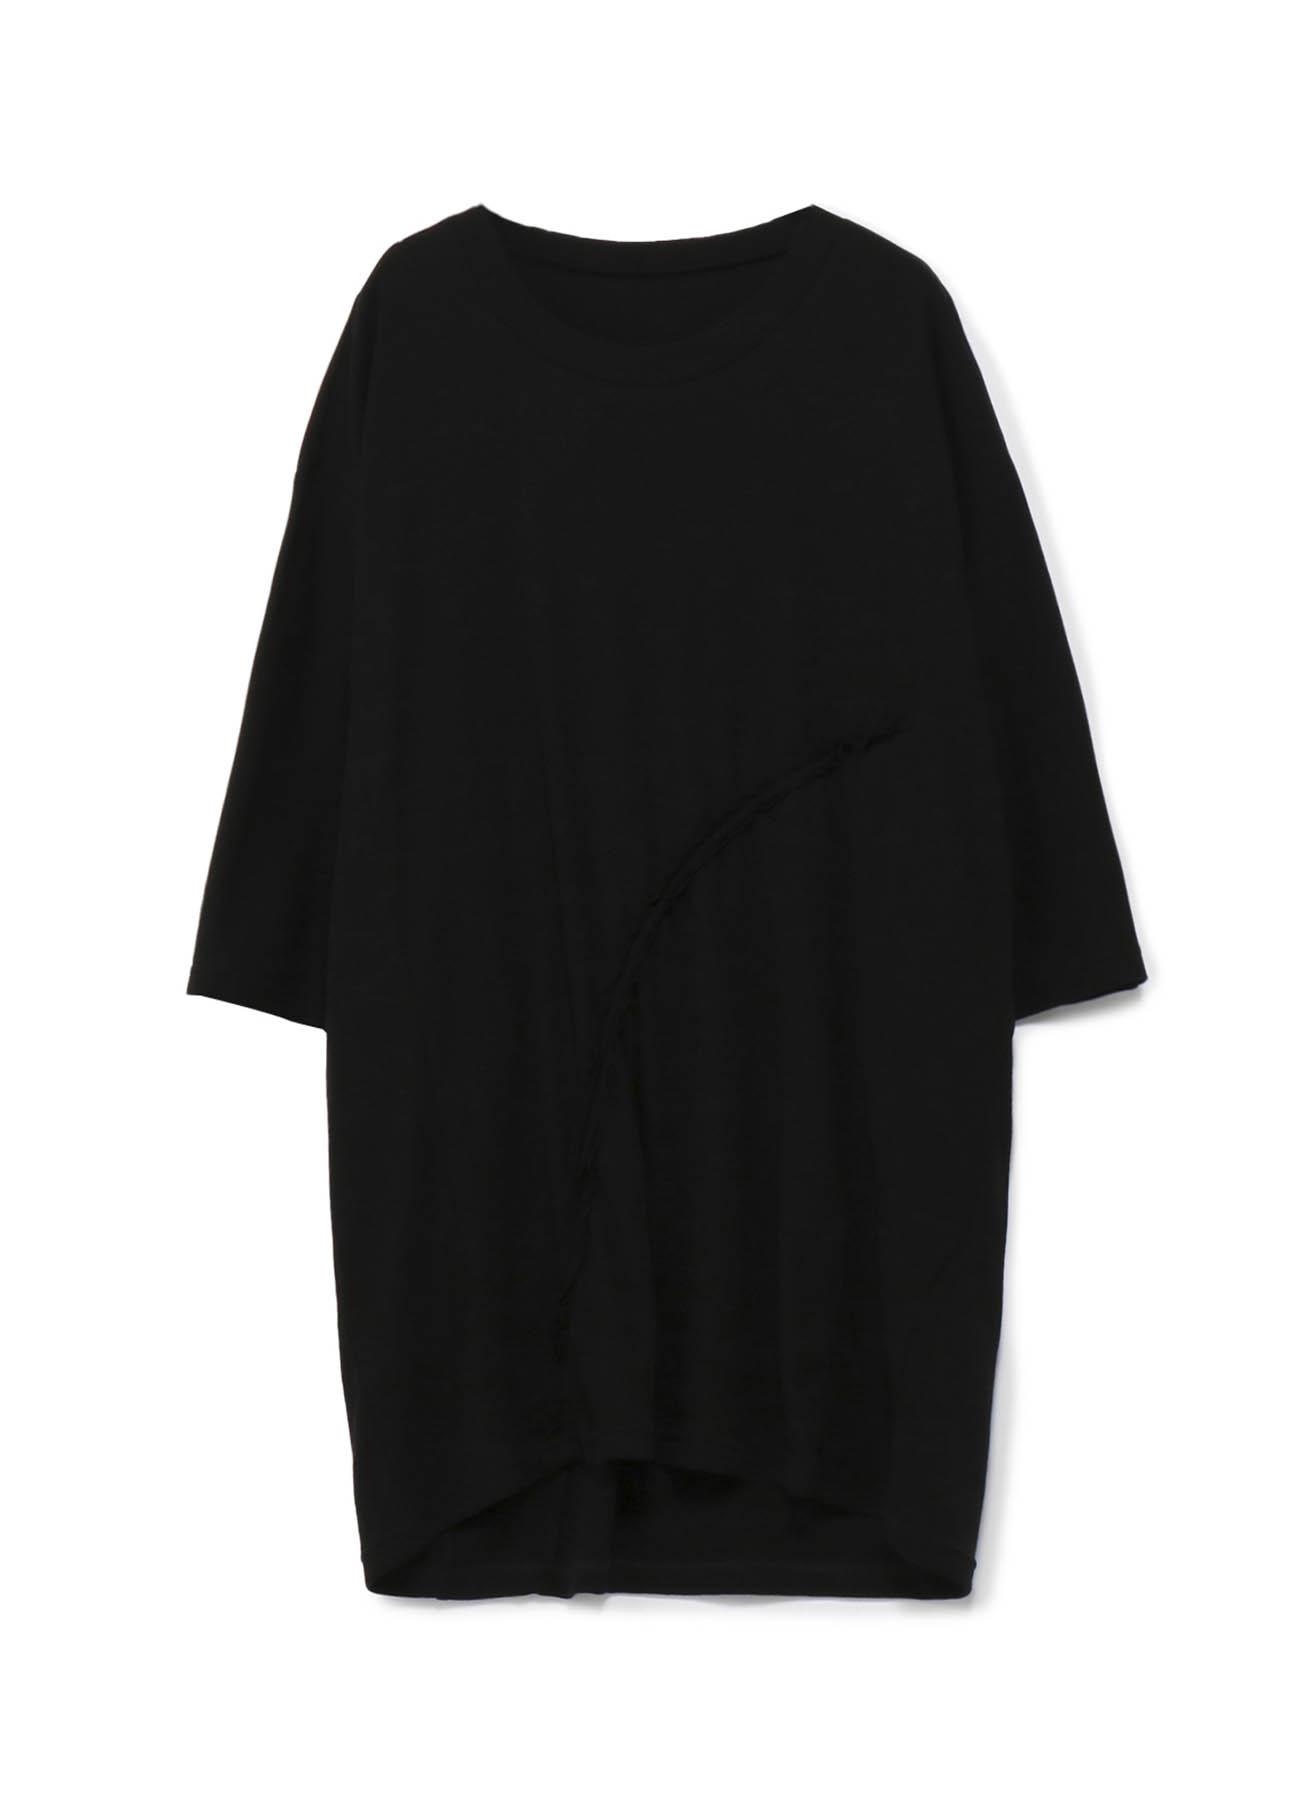 強撚ミラノリブ ギャザービッグTシャツ